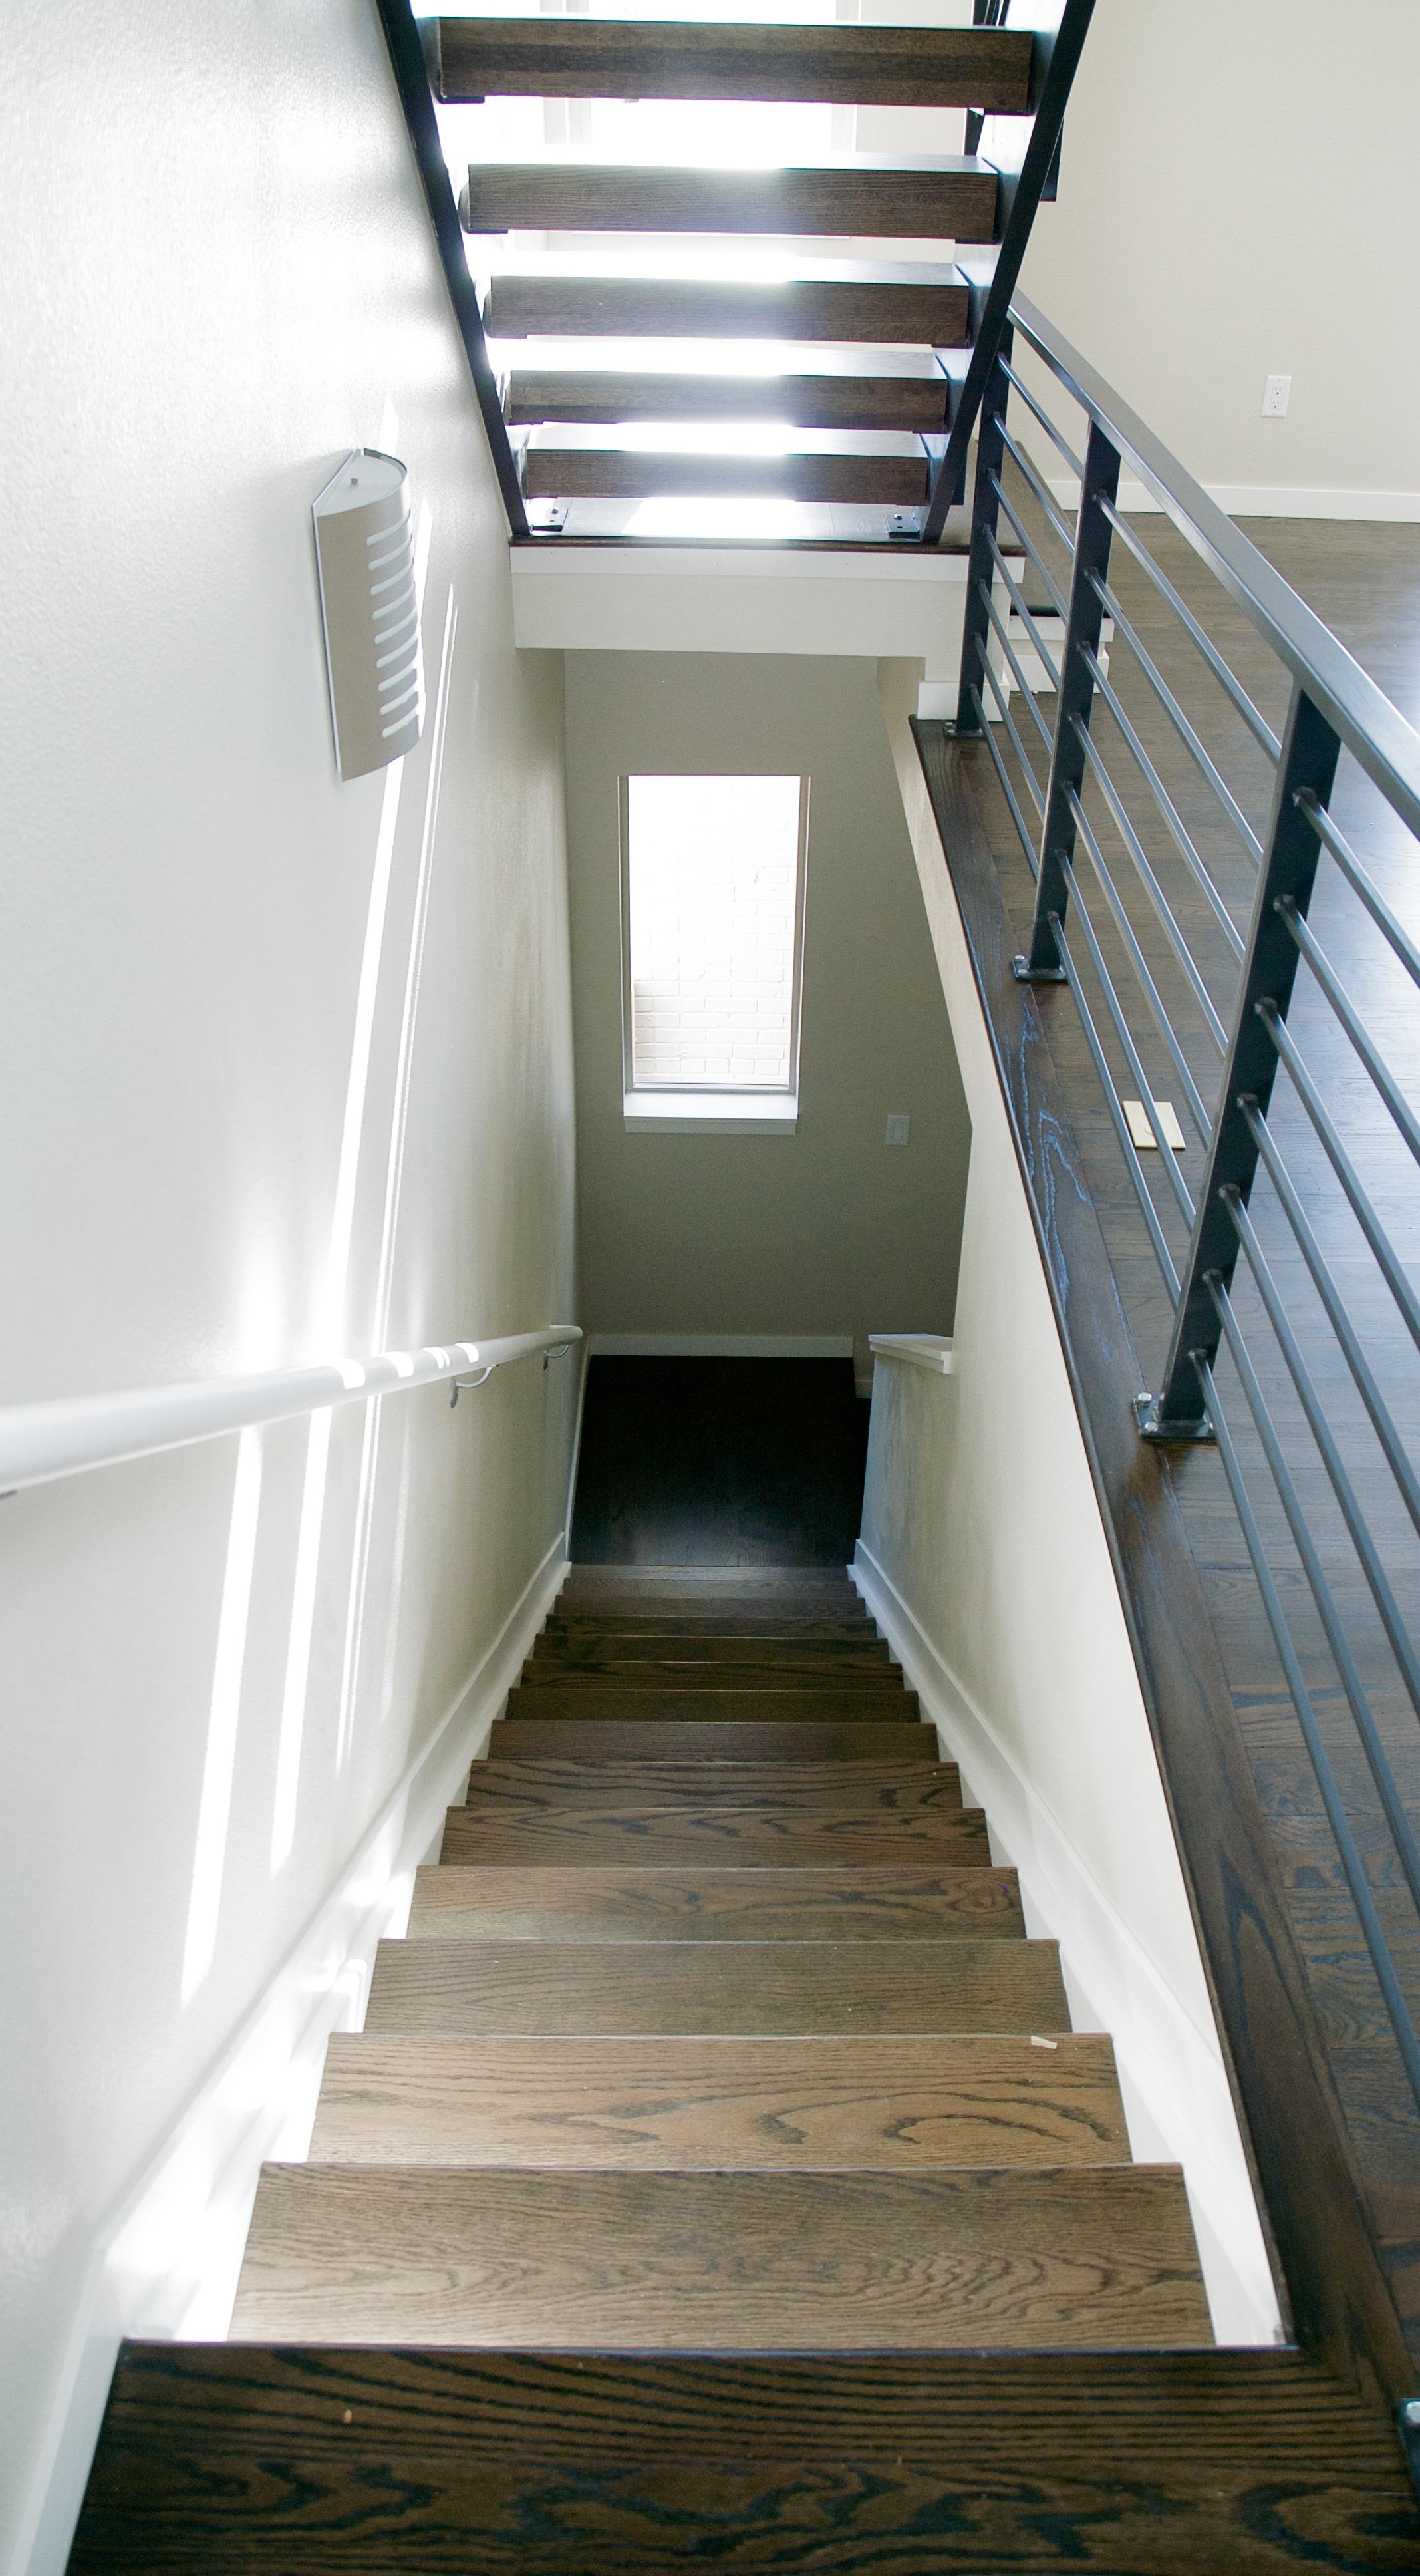 Third image of Residential Hardwood Flooring for Zuni Denver by ASA Flooring